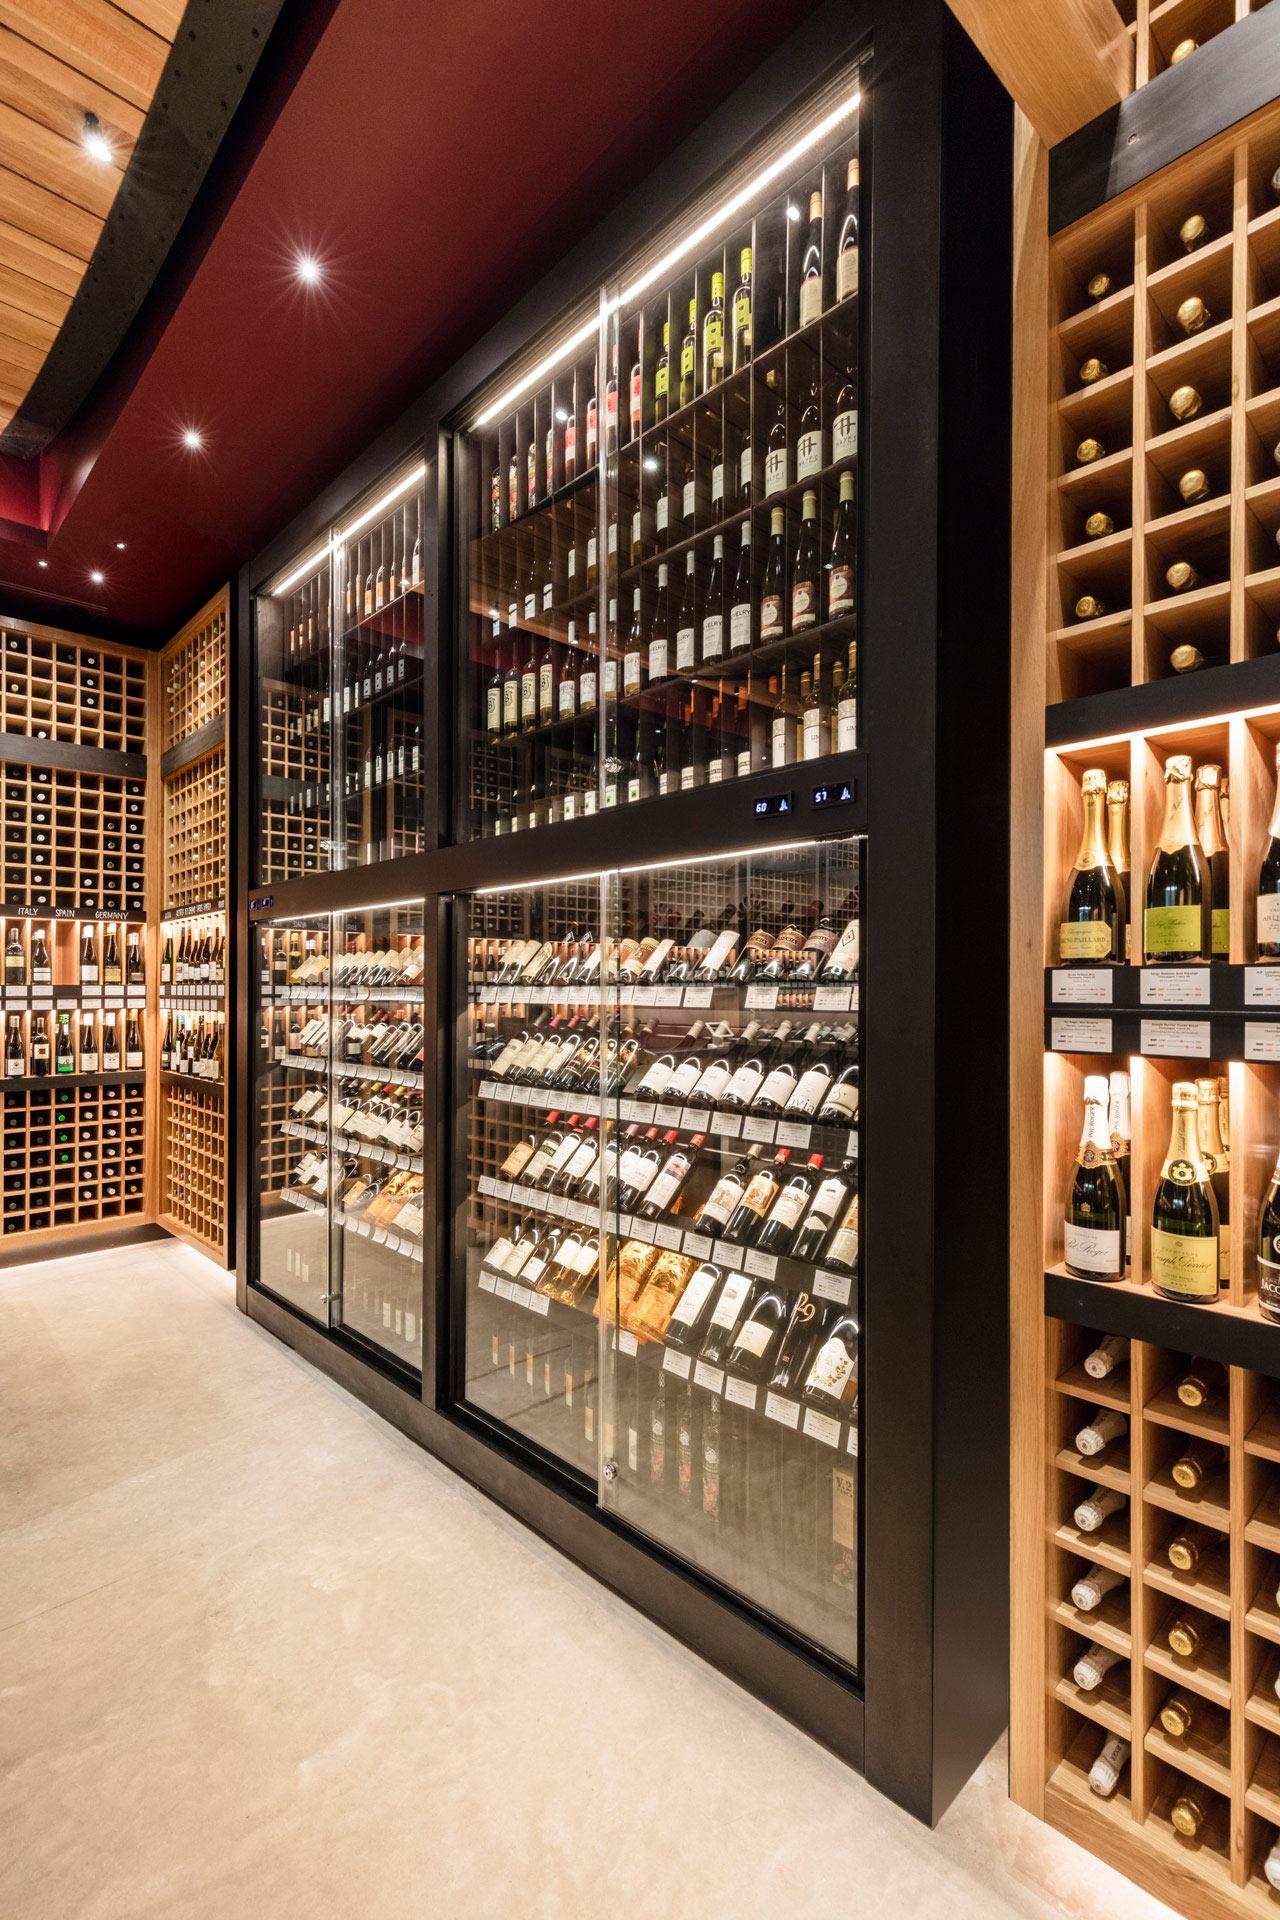 Pure Liquid Wine & Spirits retail store interiors